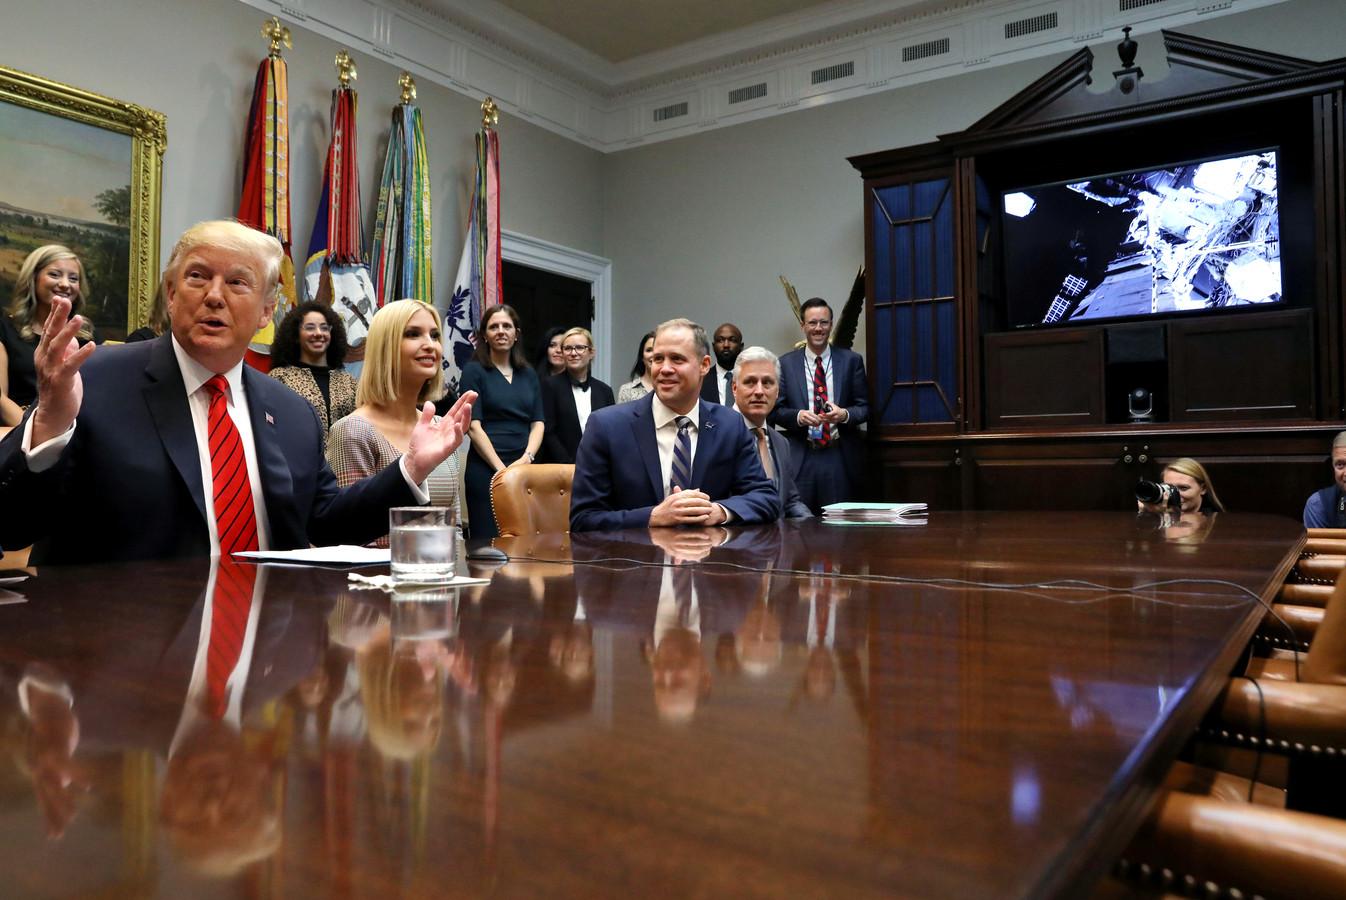 Trump slaat zijn handen ten hemel, alsof hij wil zeggen: 'Weet ik veel'.